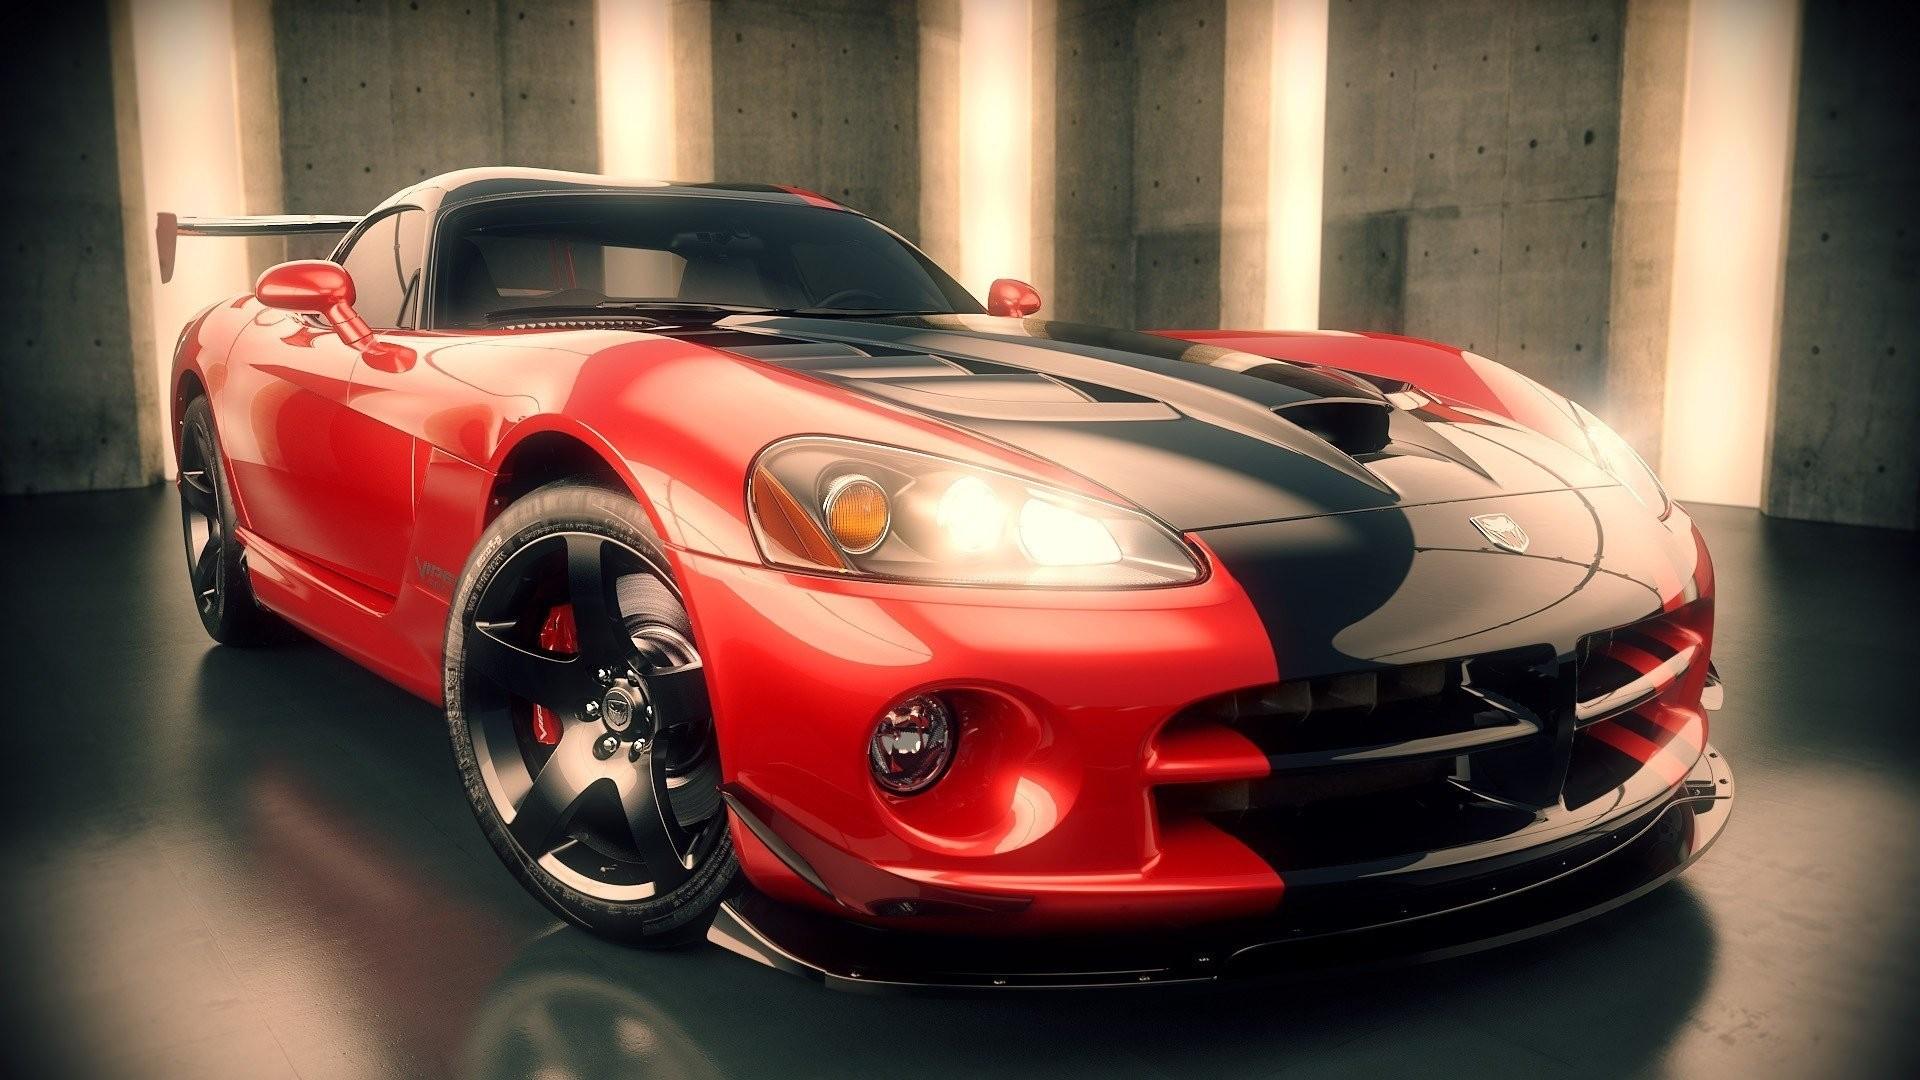 Dodge Viper Wallpaper For Pc